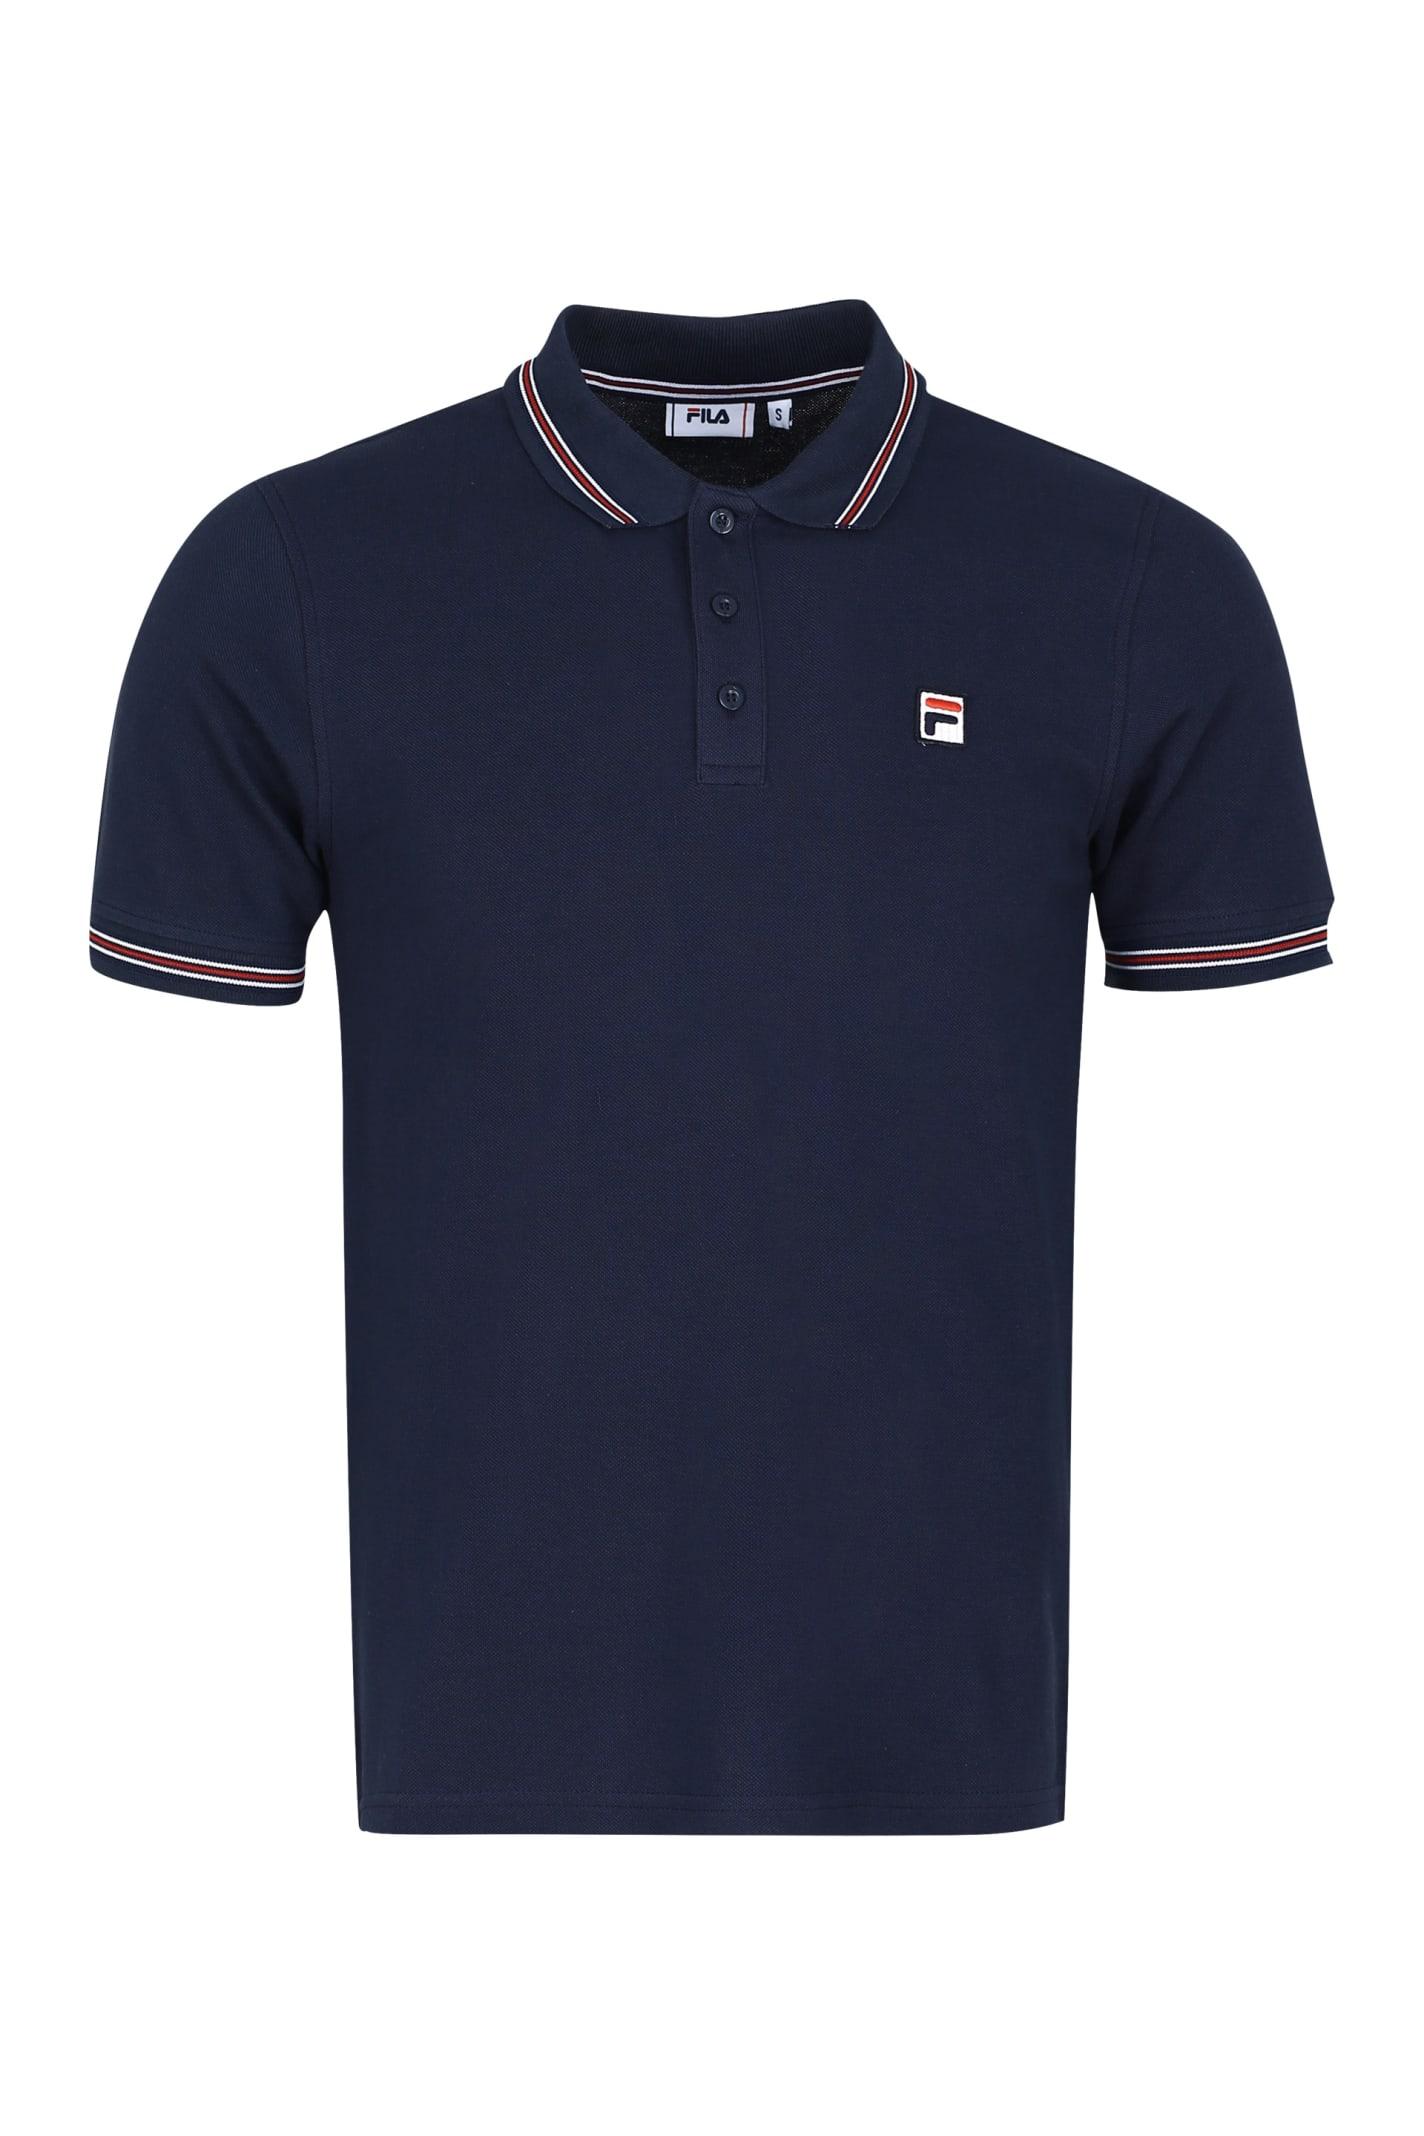 Fila Cotton-piqué Polo Shirt